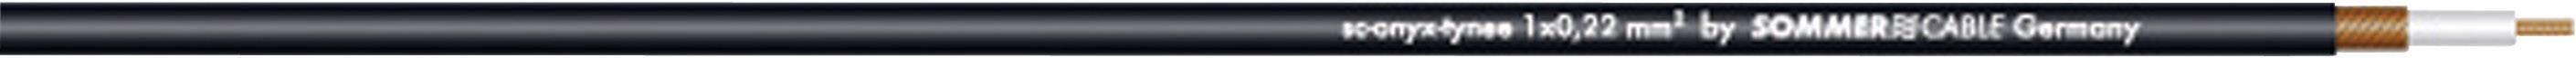 Nástrojový kábel Sommer Cable 300-0031, 1 x 0.22 mm², čierna, metrový tovar